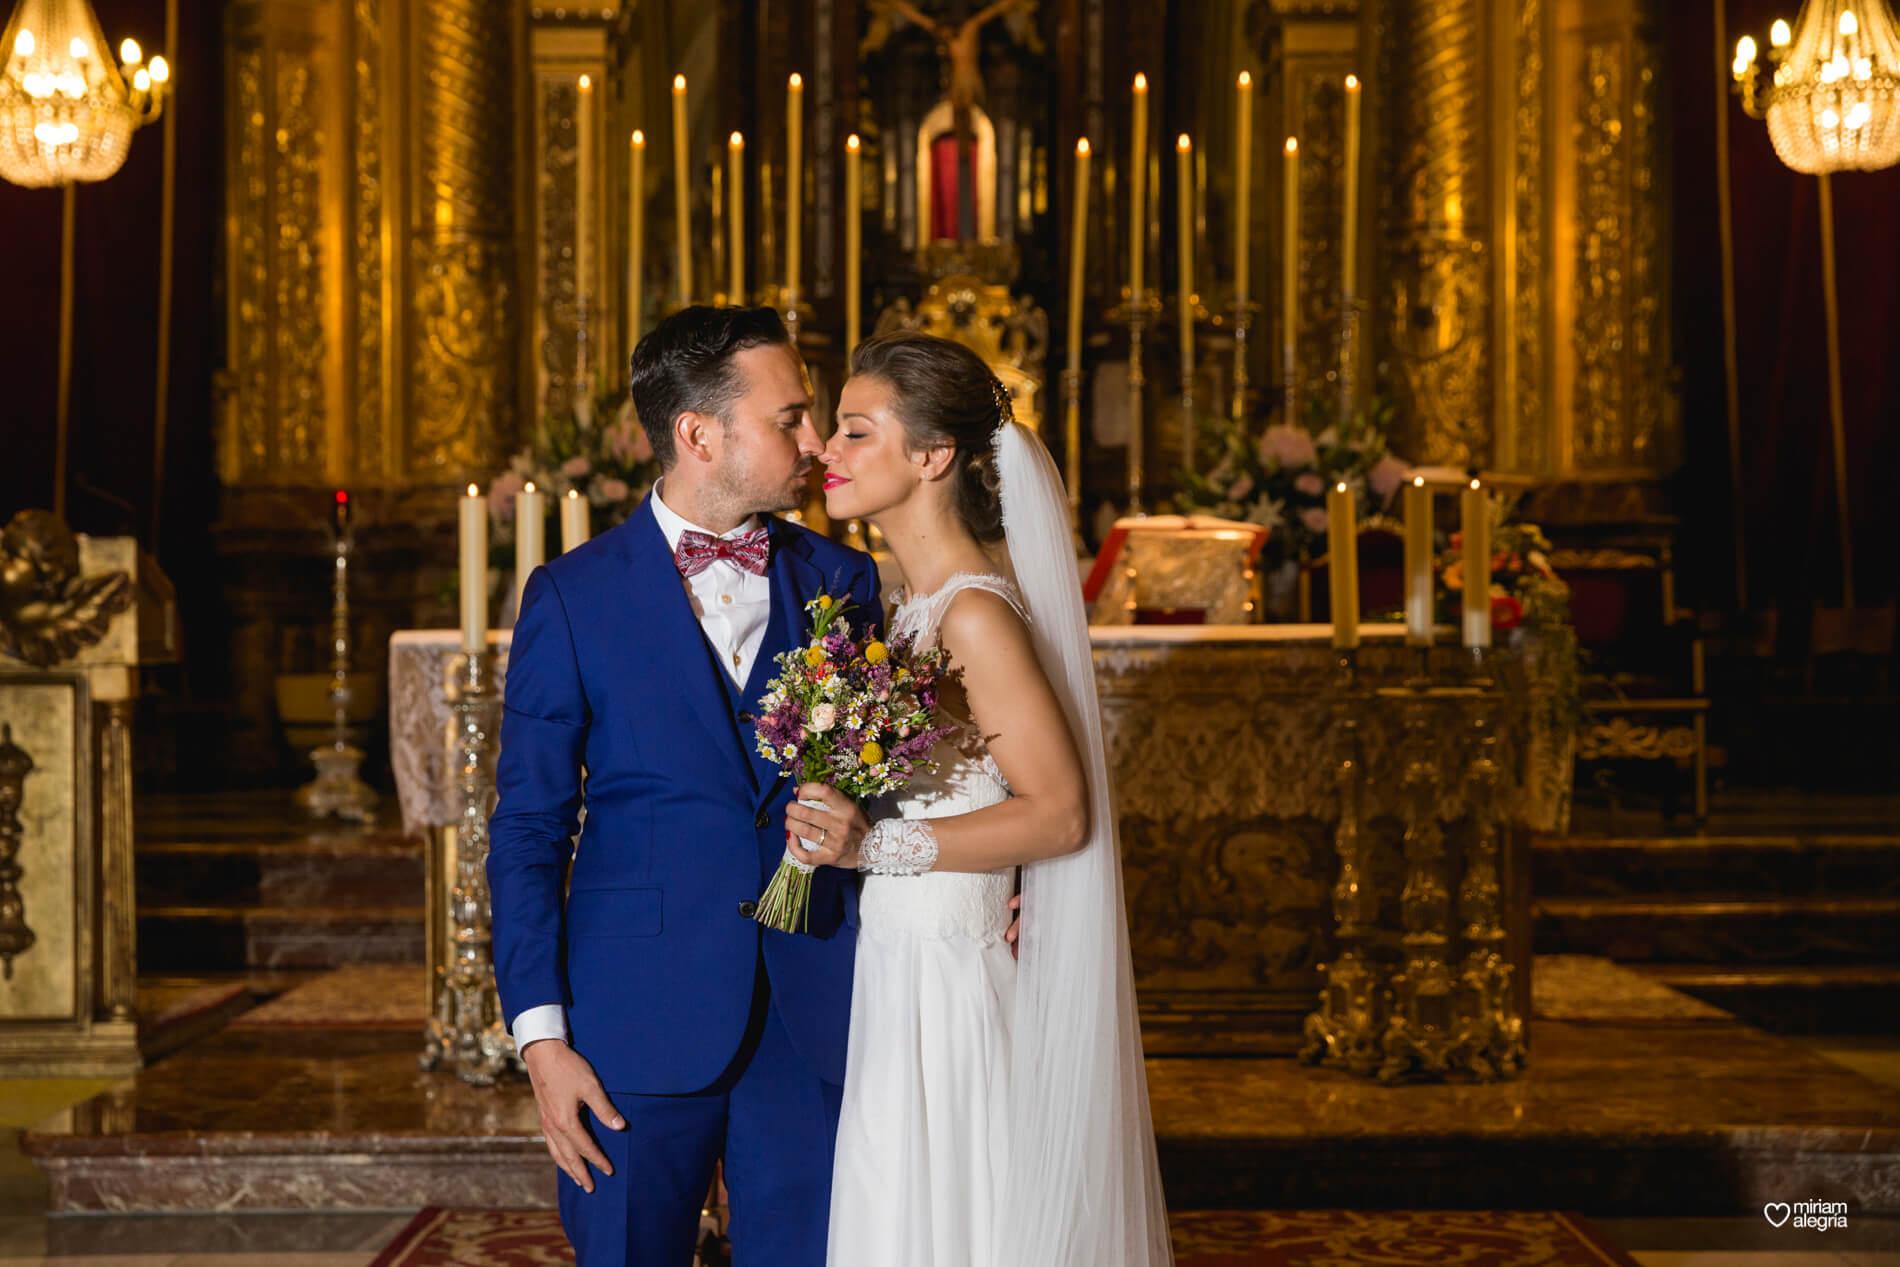 wedding-huerto-del-cura-elche-miriam-alegria-fotografos-boda-232